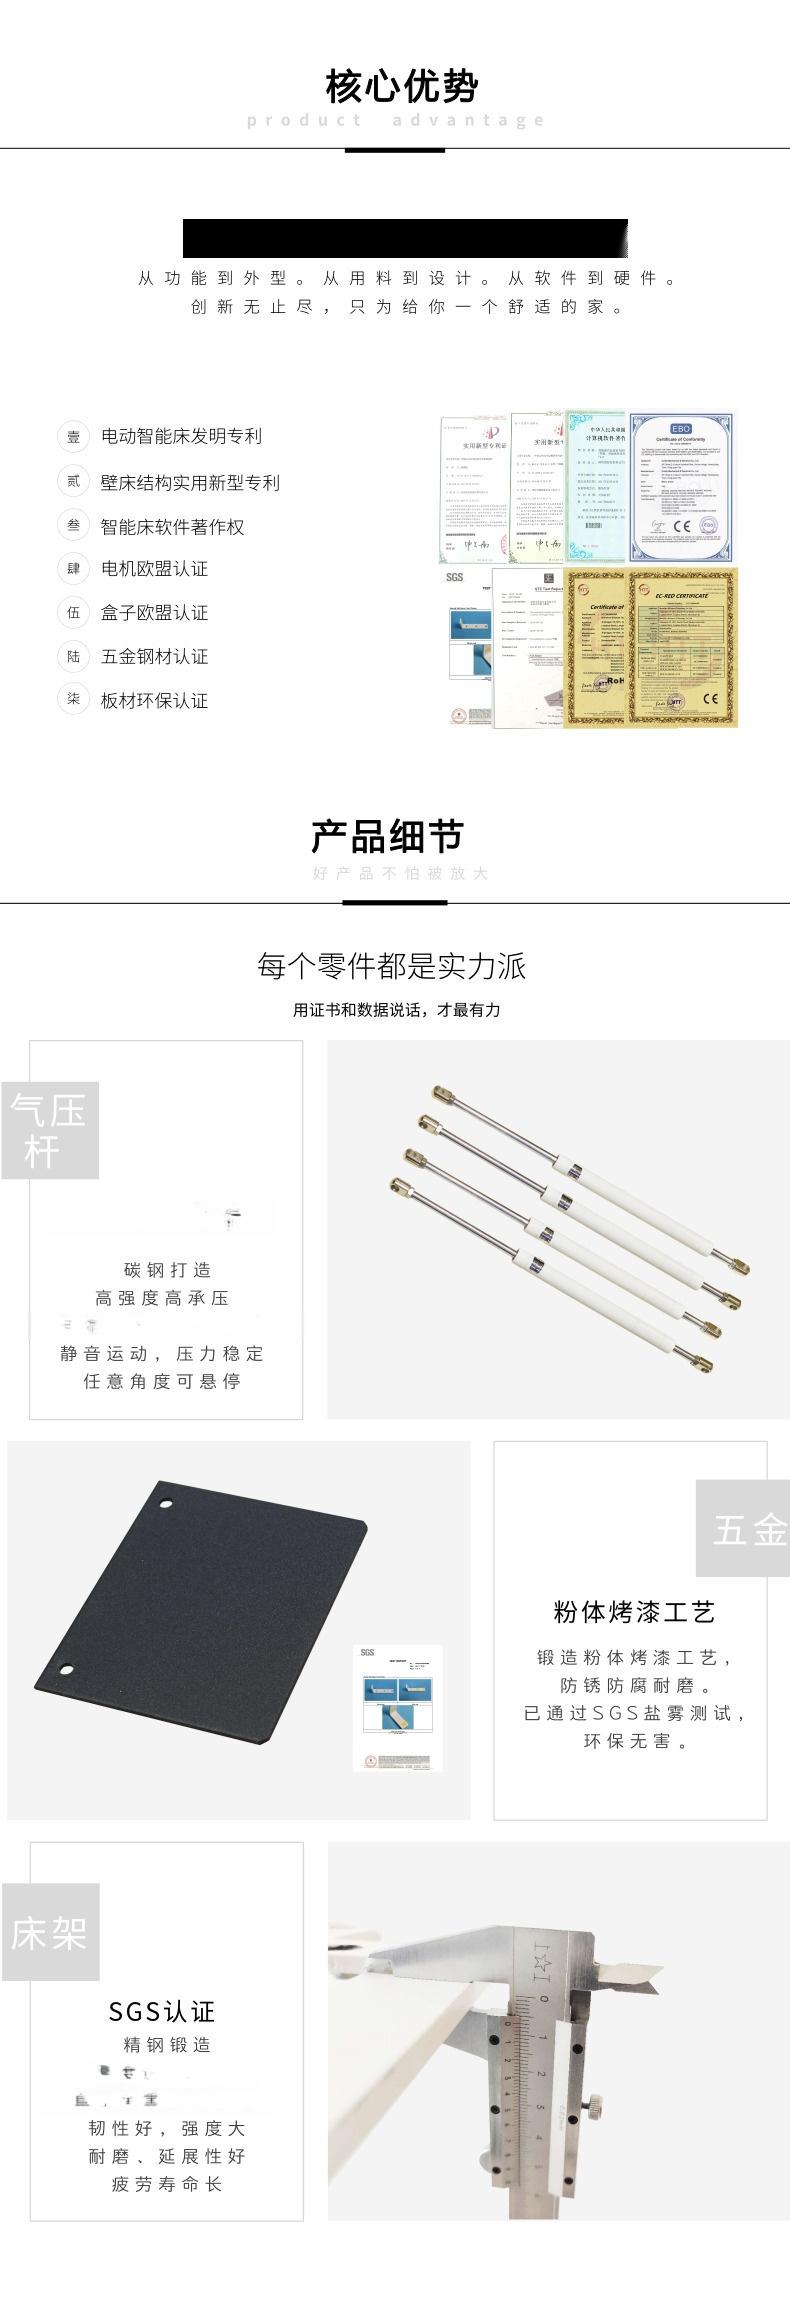 電動多功能摺疊桌 智造坊DPZ摺疊桌100360535